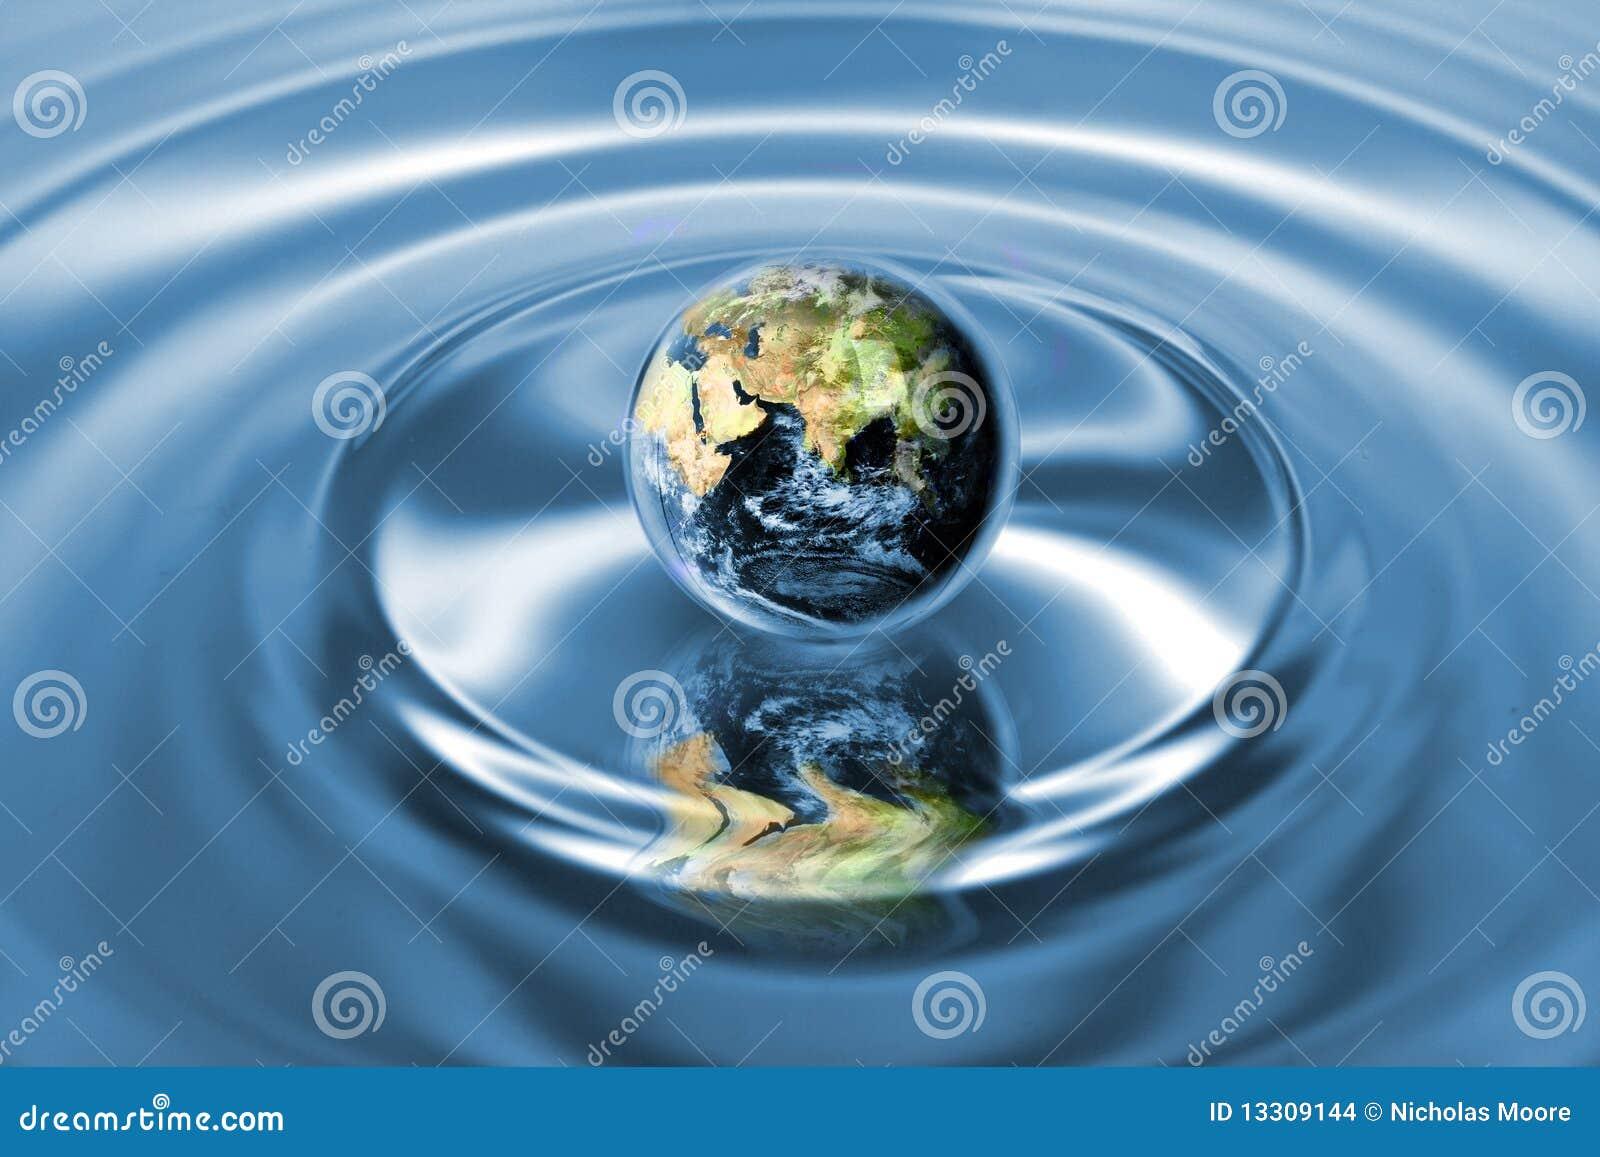 earths ecosystem in danger